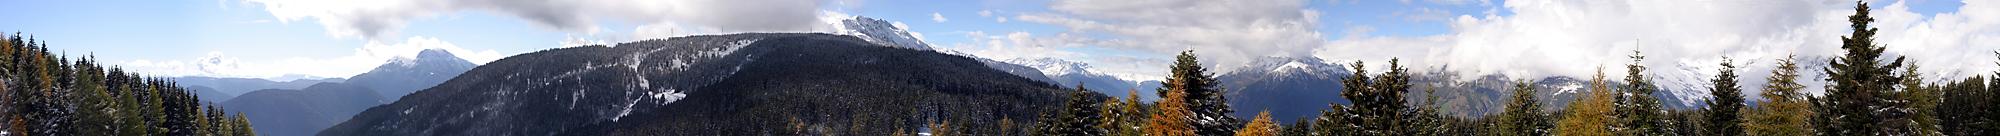 Vigiljoch - Südtirol